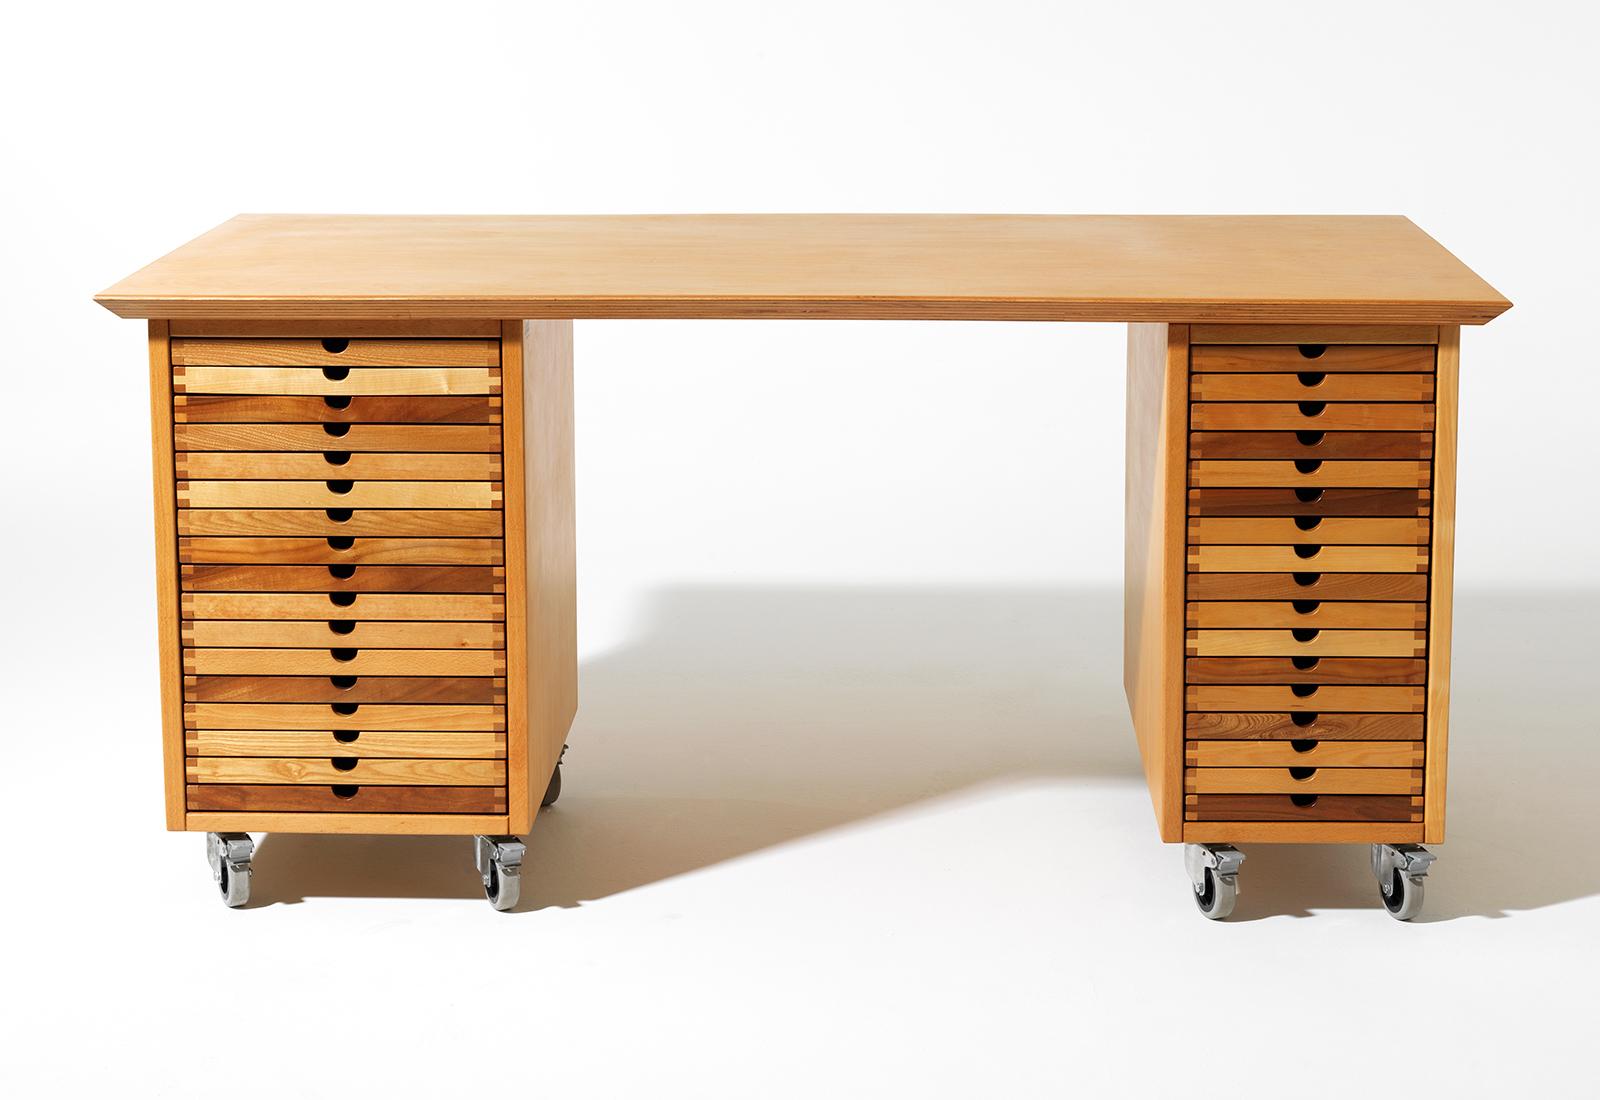 Schreibtisch designermöbel  schreibtisch SIXtematic von sixay furniture - designermöbel aus ...